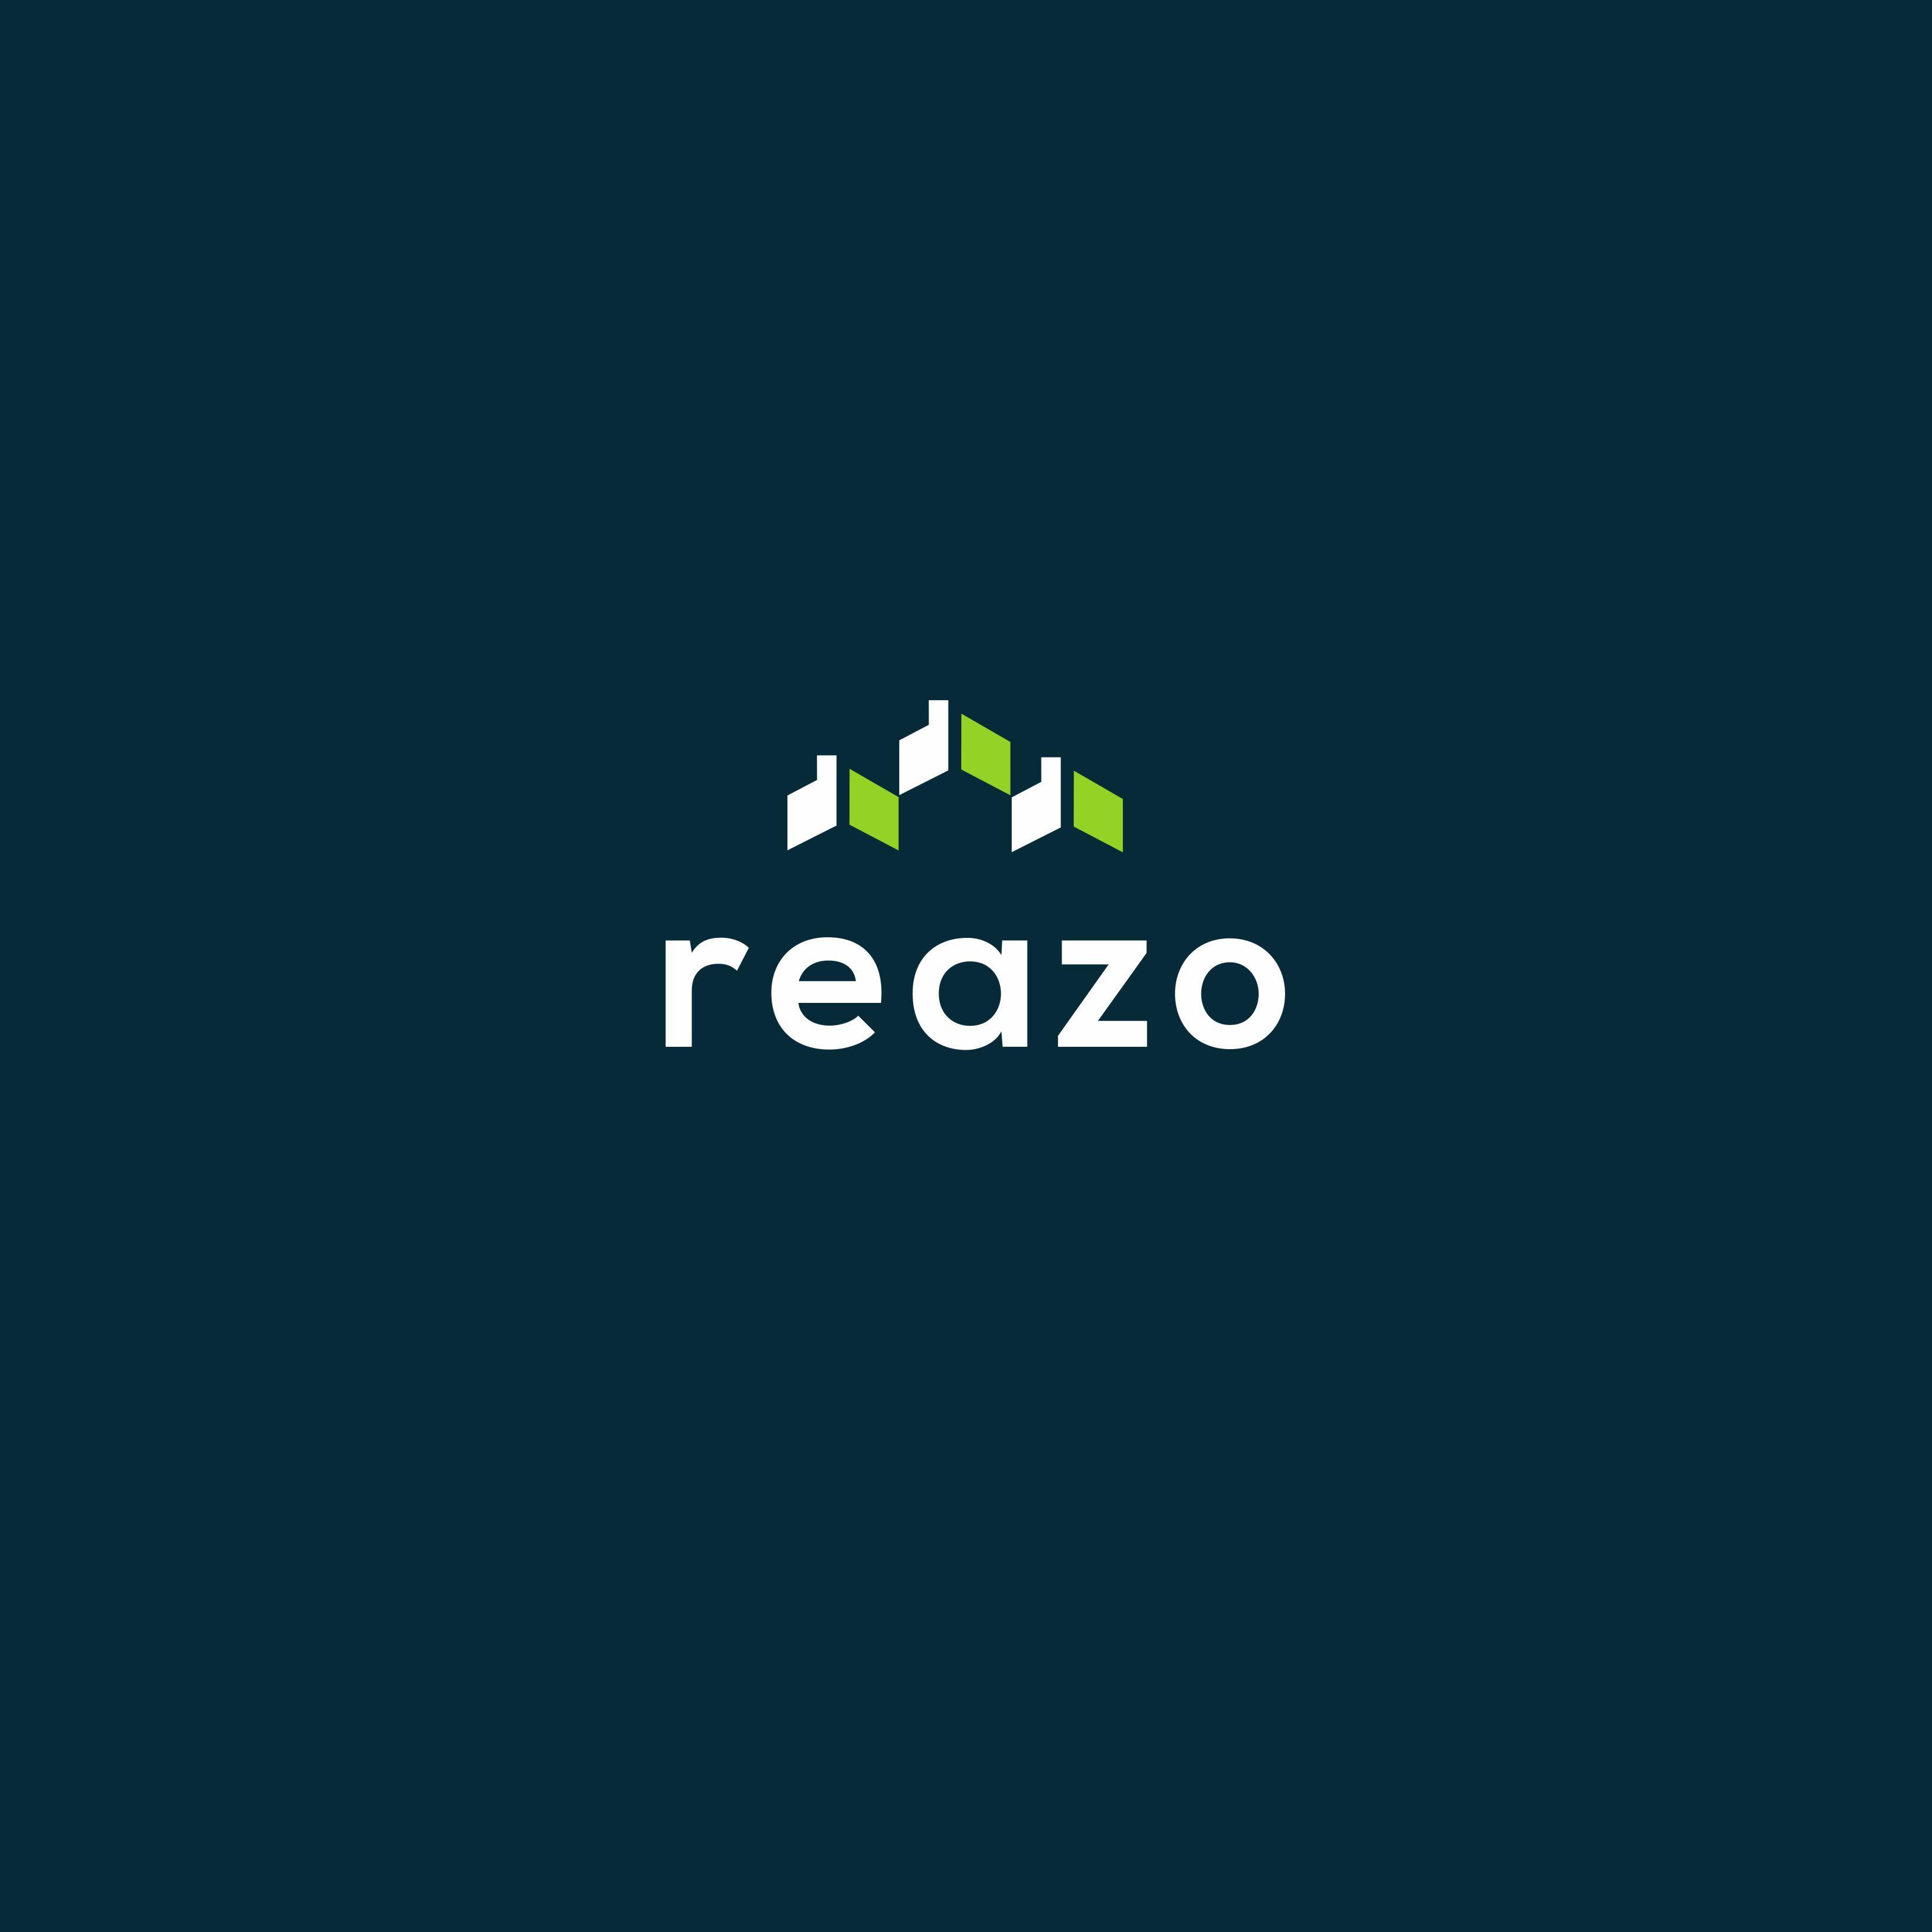 Logo design for online real estate portal